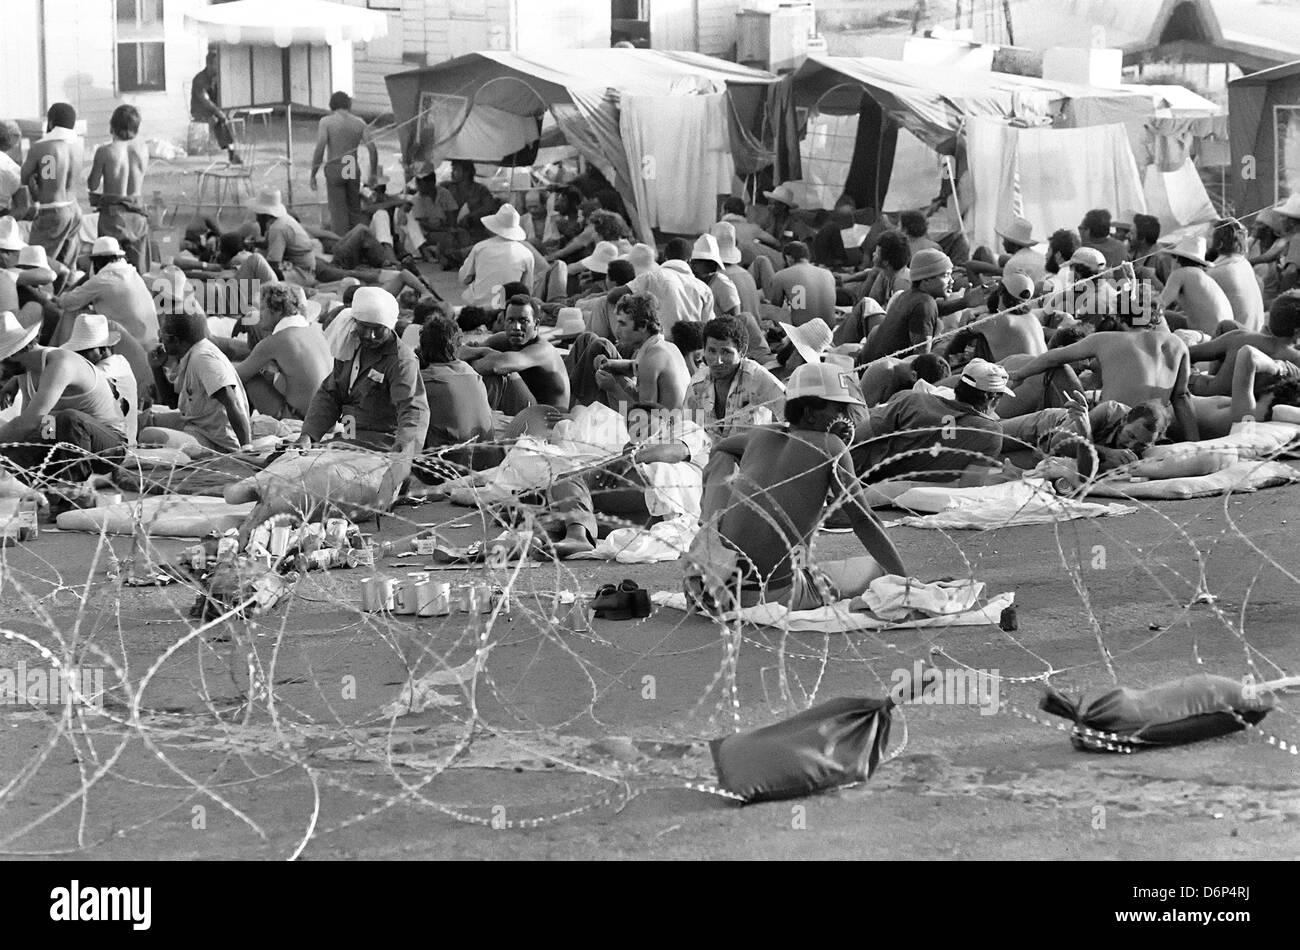 Kuba Staatsangehörigen in einem Internierungslager während der Invasion von Grenada, unter dem Codenamen Stockbild